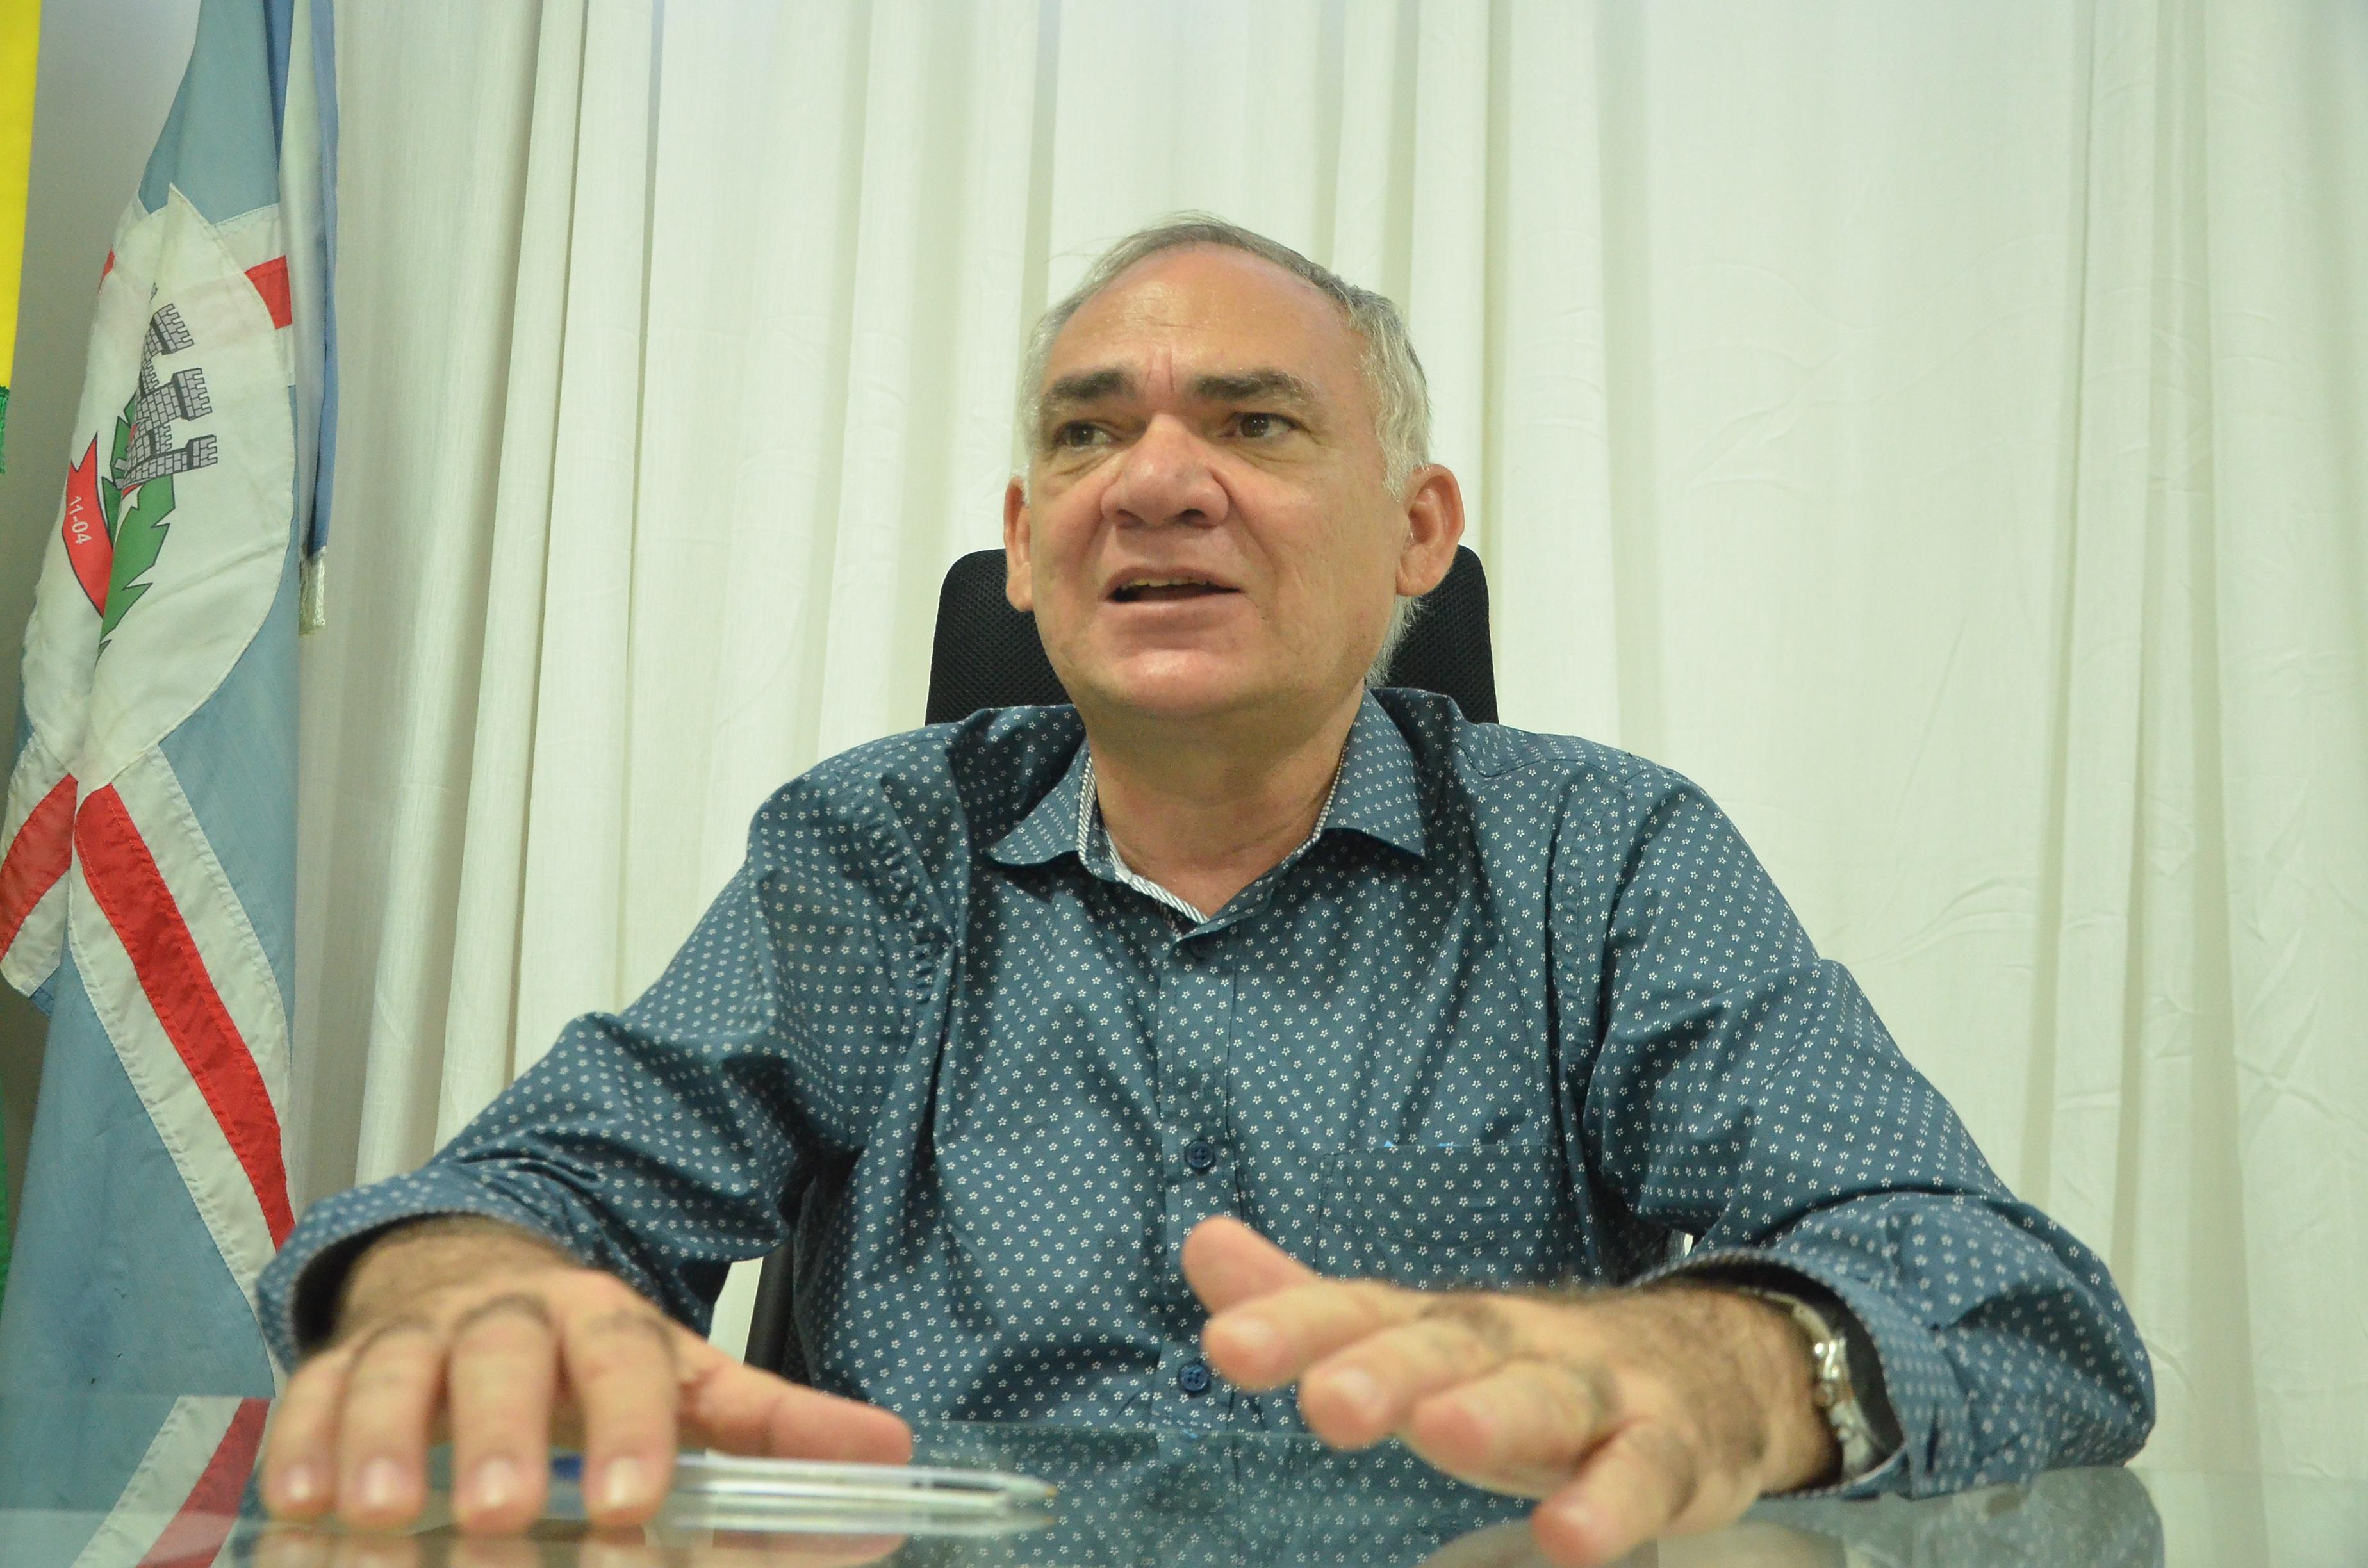 Prefeito Paulinho Emidio Sâo Gonçalo do Amarante 74